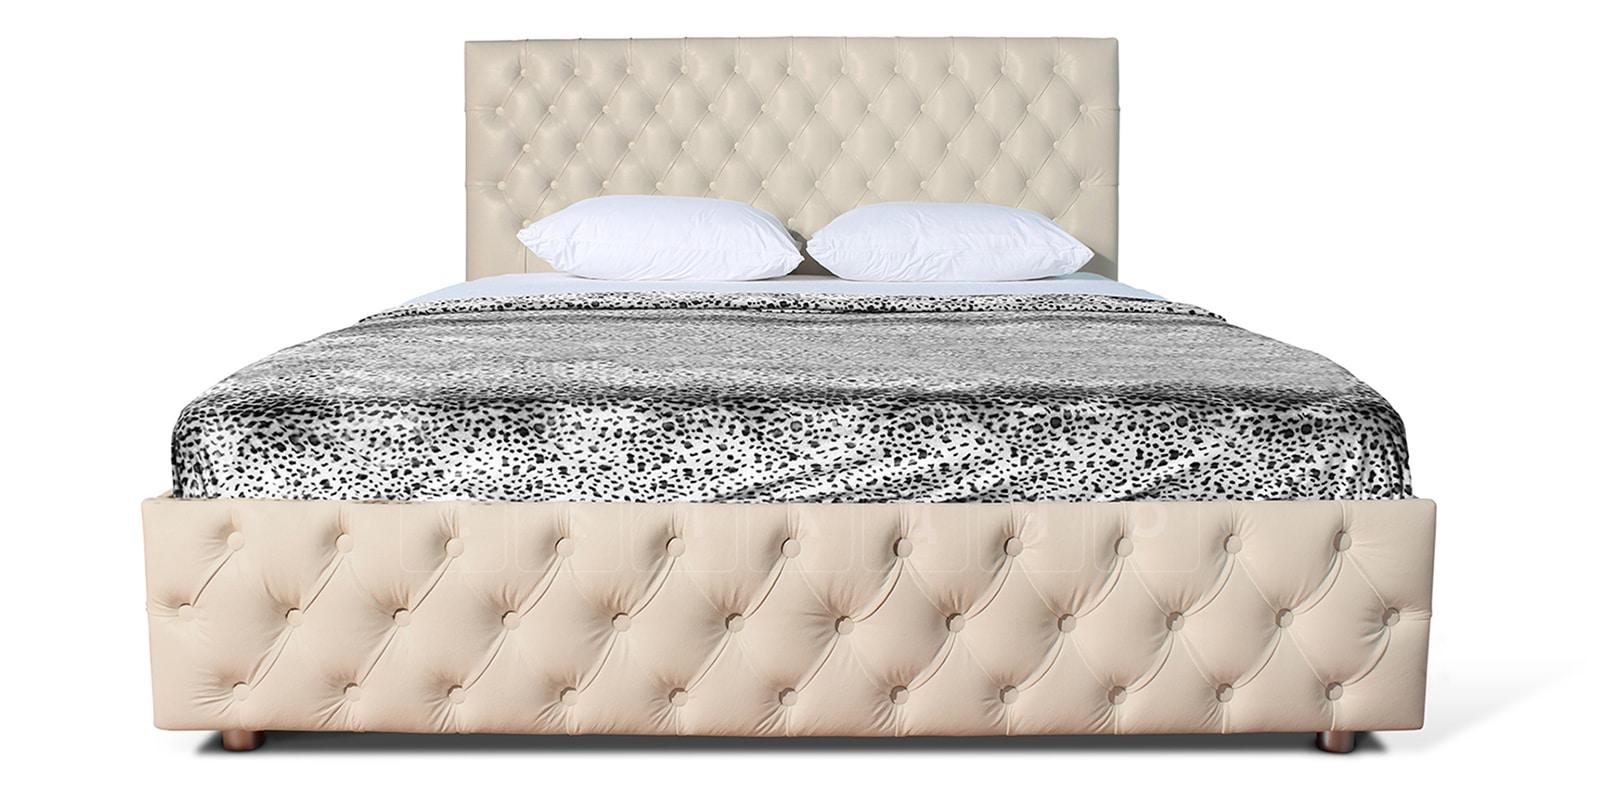 Мягкая кровать Малибу 160см экокожа бежевого цвета вариант 4-2 фото 2 | интернет-магазин Складно